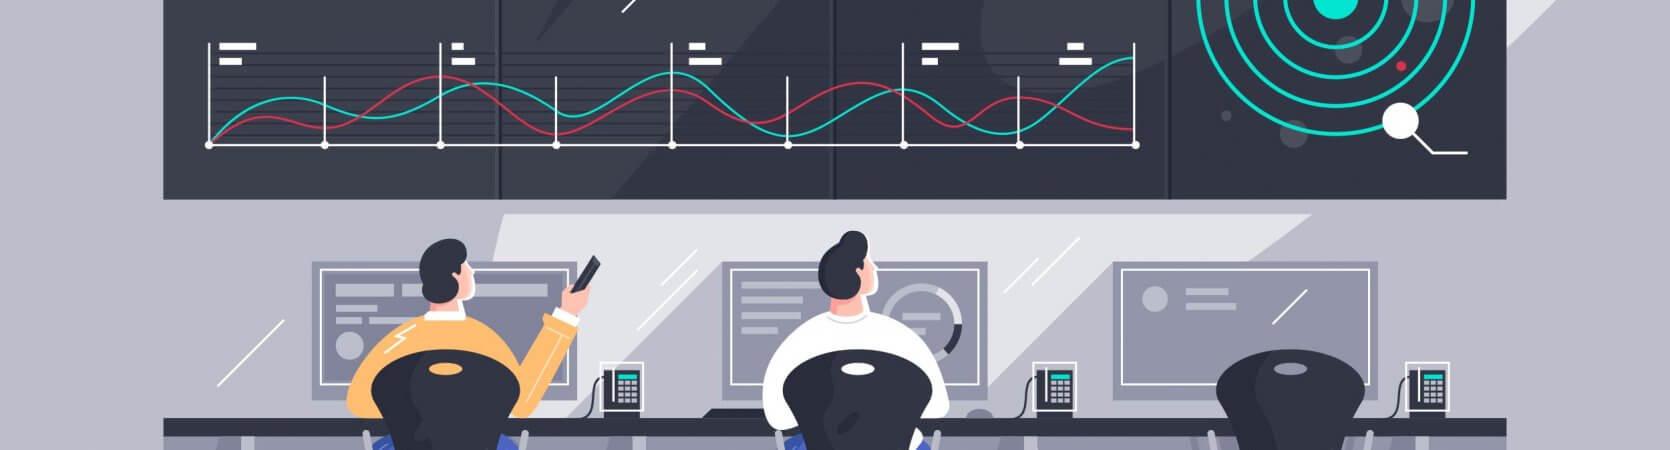 Control System Modernization